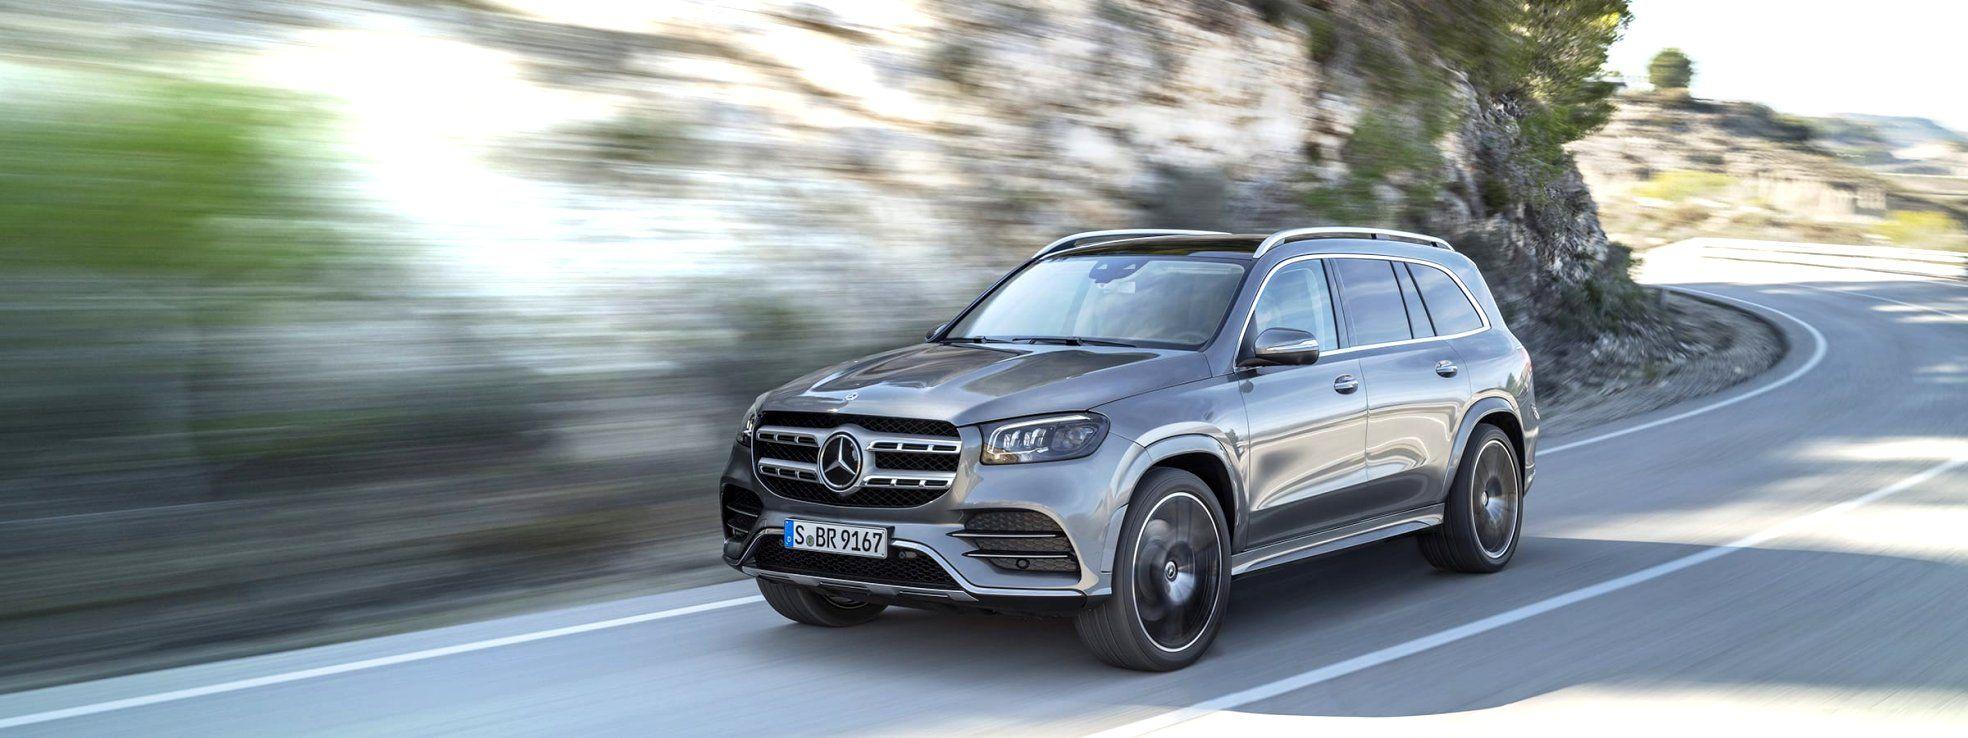 2020 Mercedes Usa Configurations In 2021 Mercedes Suv Mercedes Benz Gl Mercedes Benz